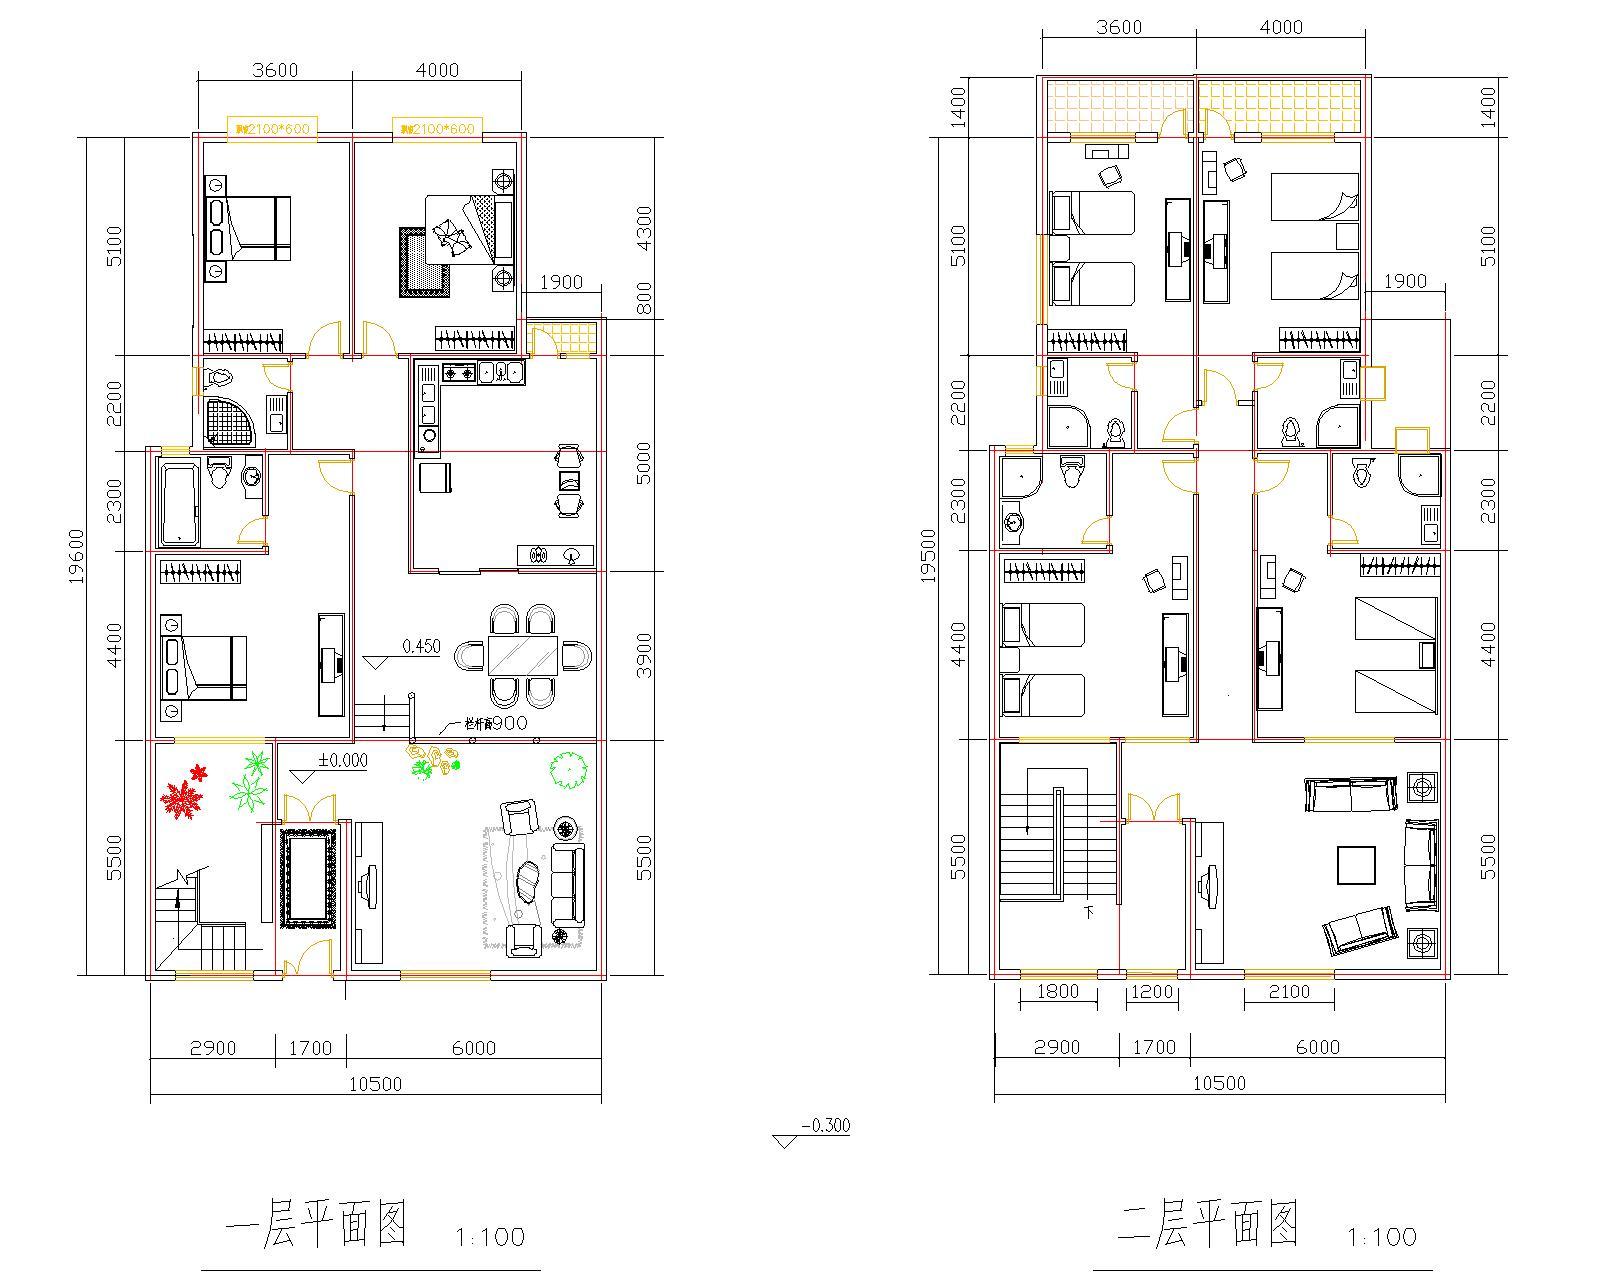 盖房子设计图 我有长20米 宽8米地基 想盖两层房子,二